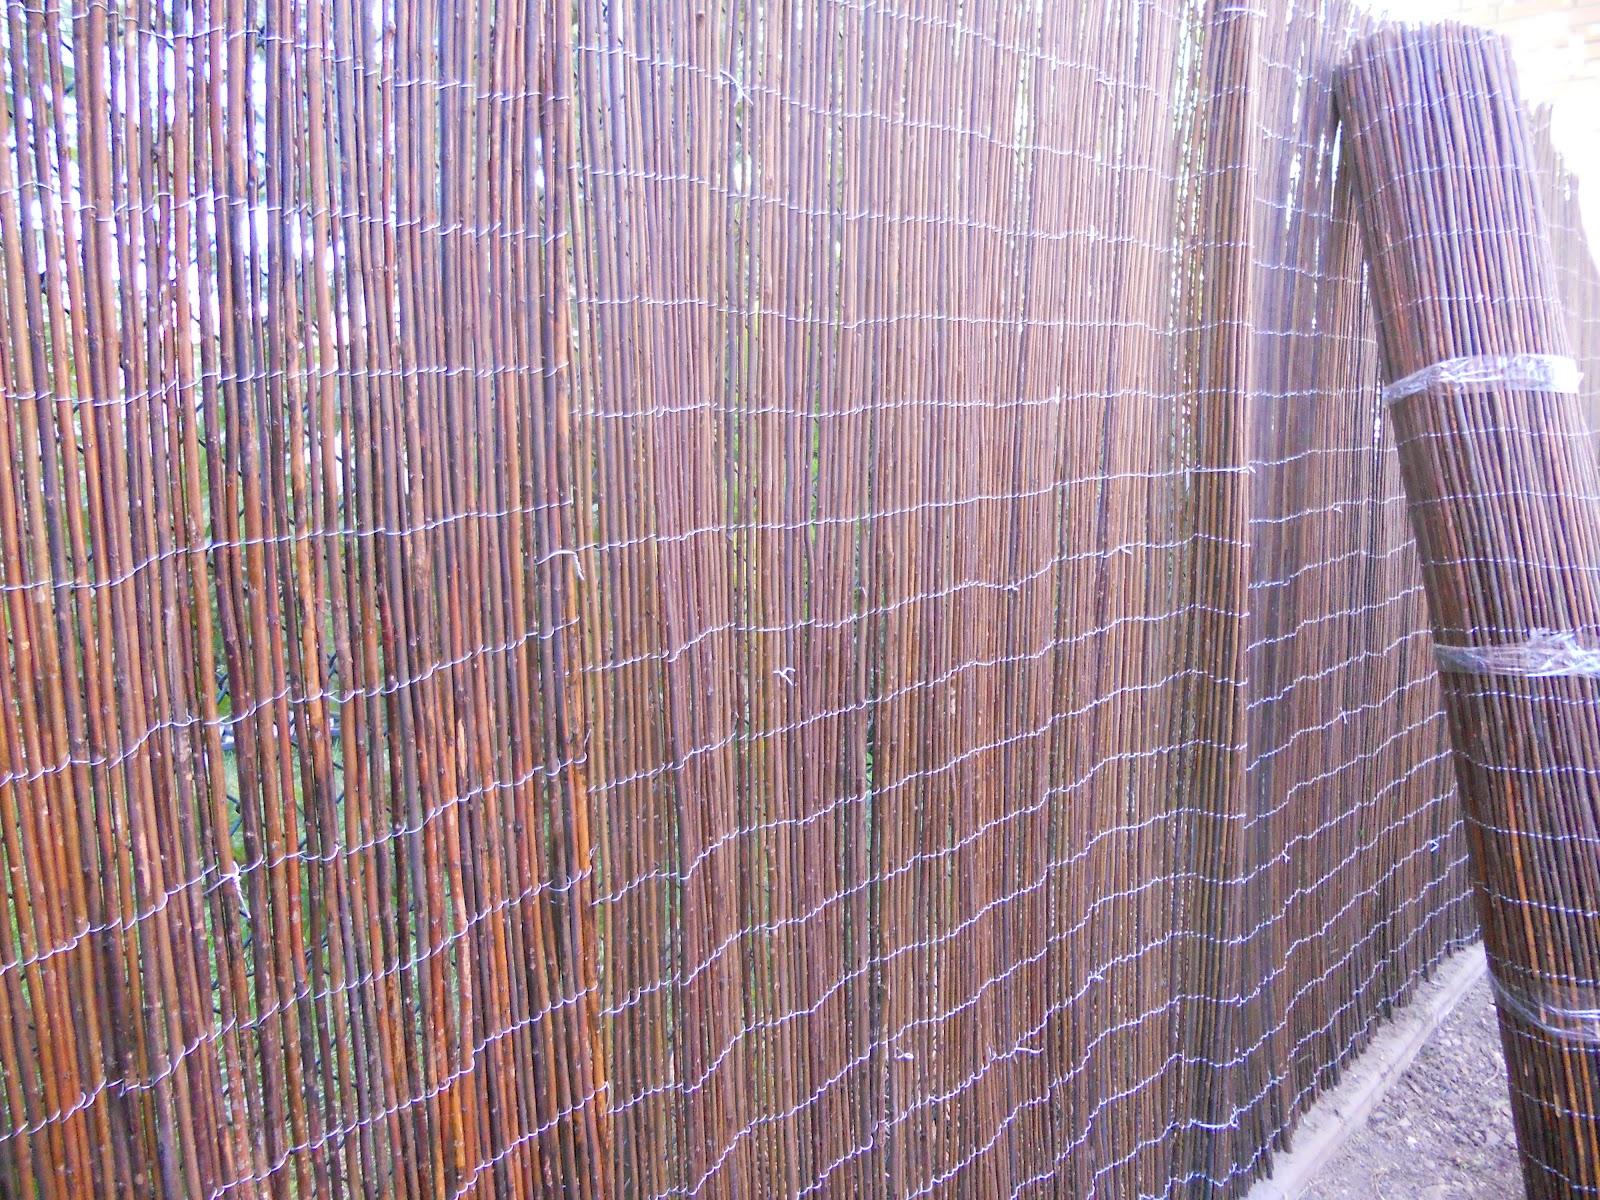 Jardineria eladio nonay jardiner a eladio nonay - Seto de bambu ...